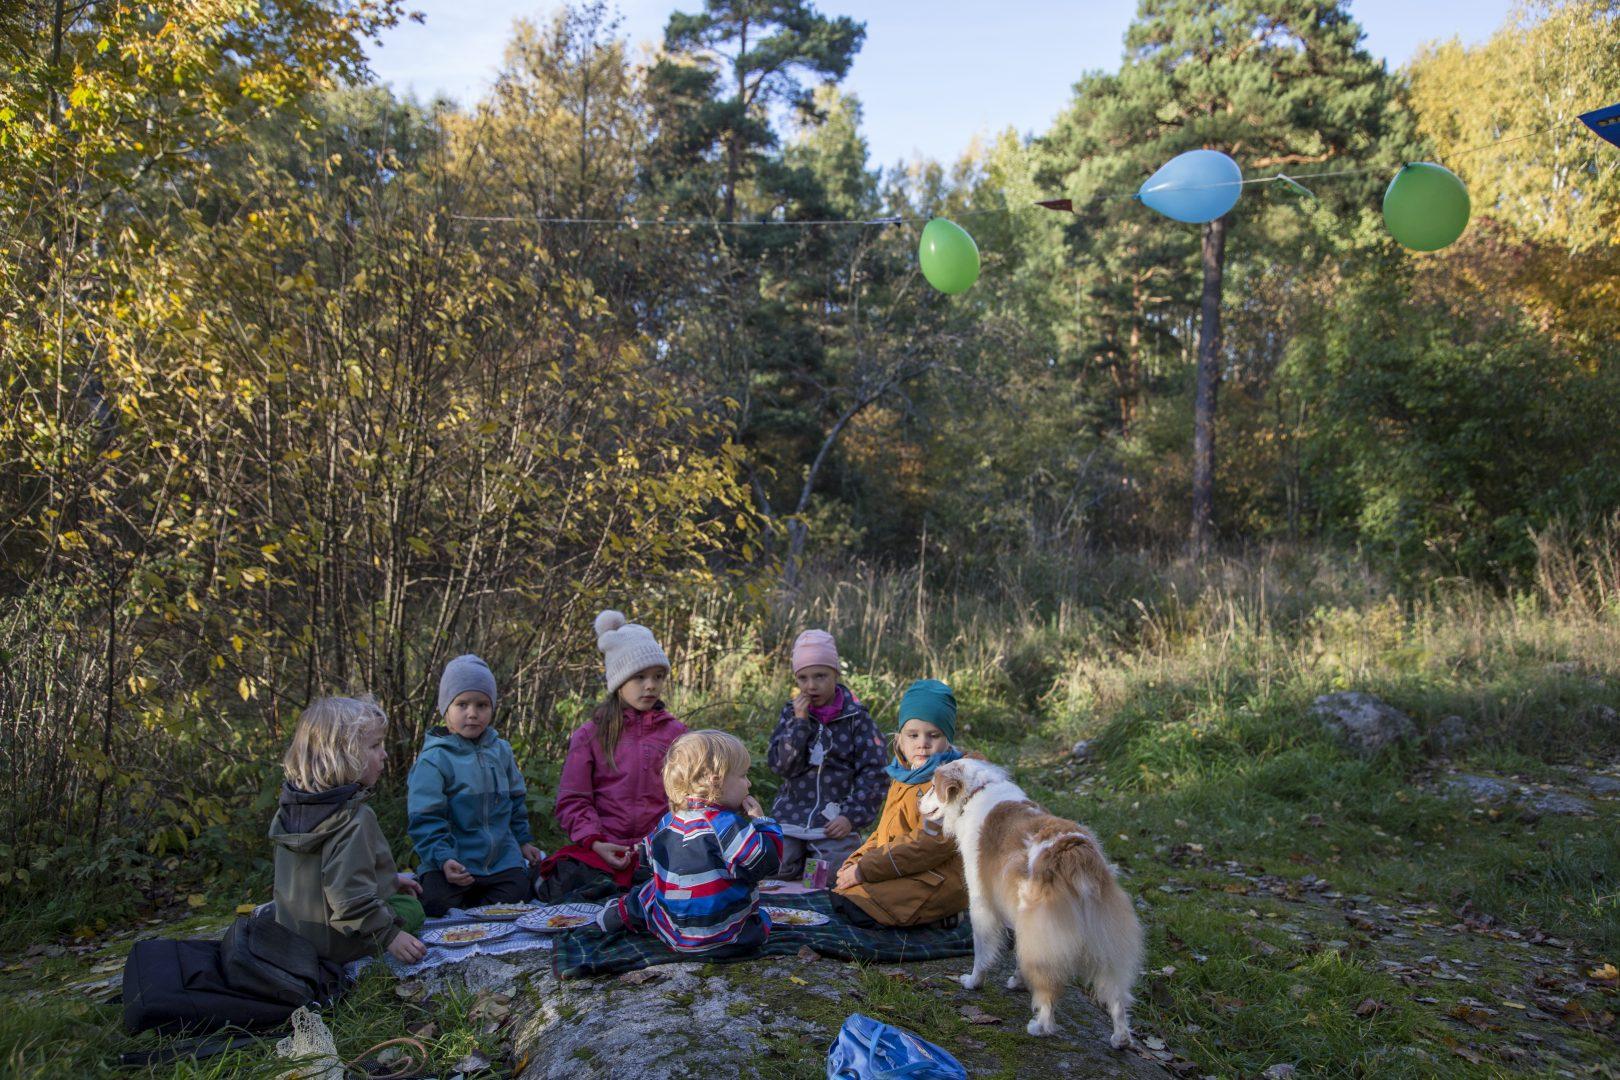 ©Lahiomutsi Synttarit 4vuotis 4 vuotta Metsa Metsasynttarit Syntymapaiva Juhlat Ulkona Syksy Lastenjuhlat-7943